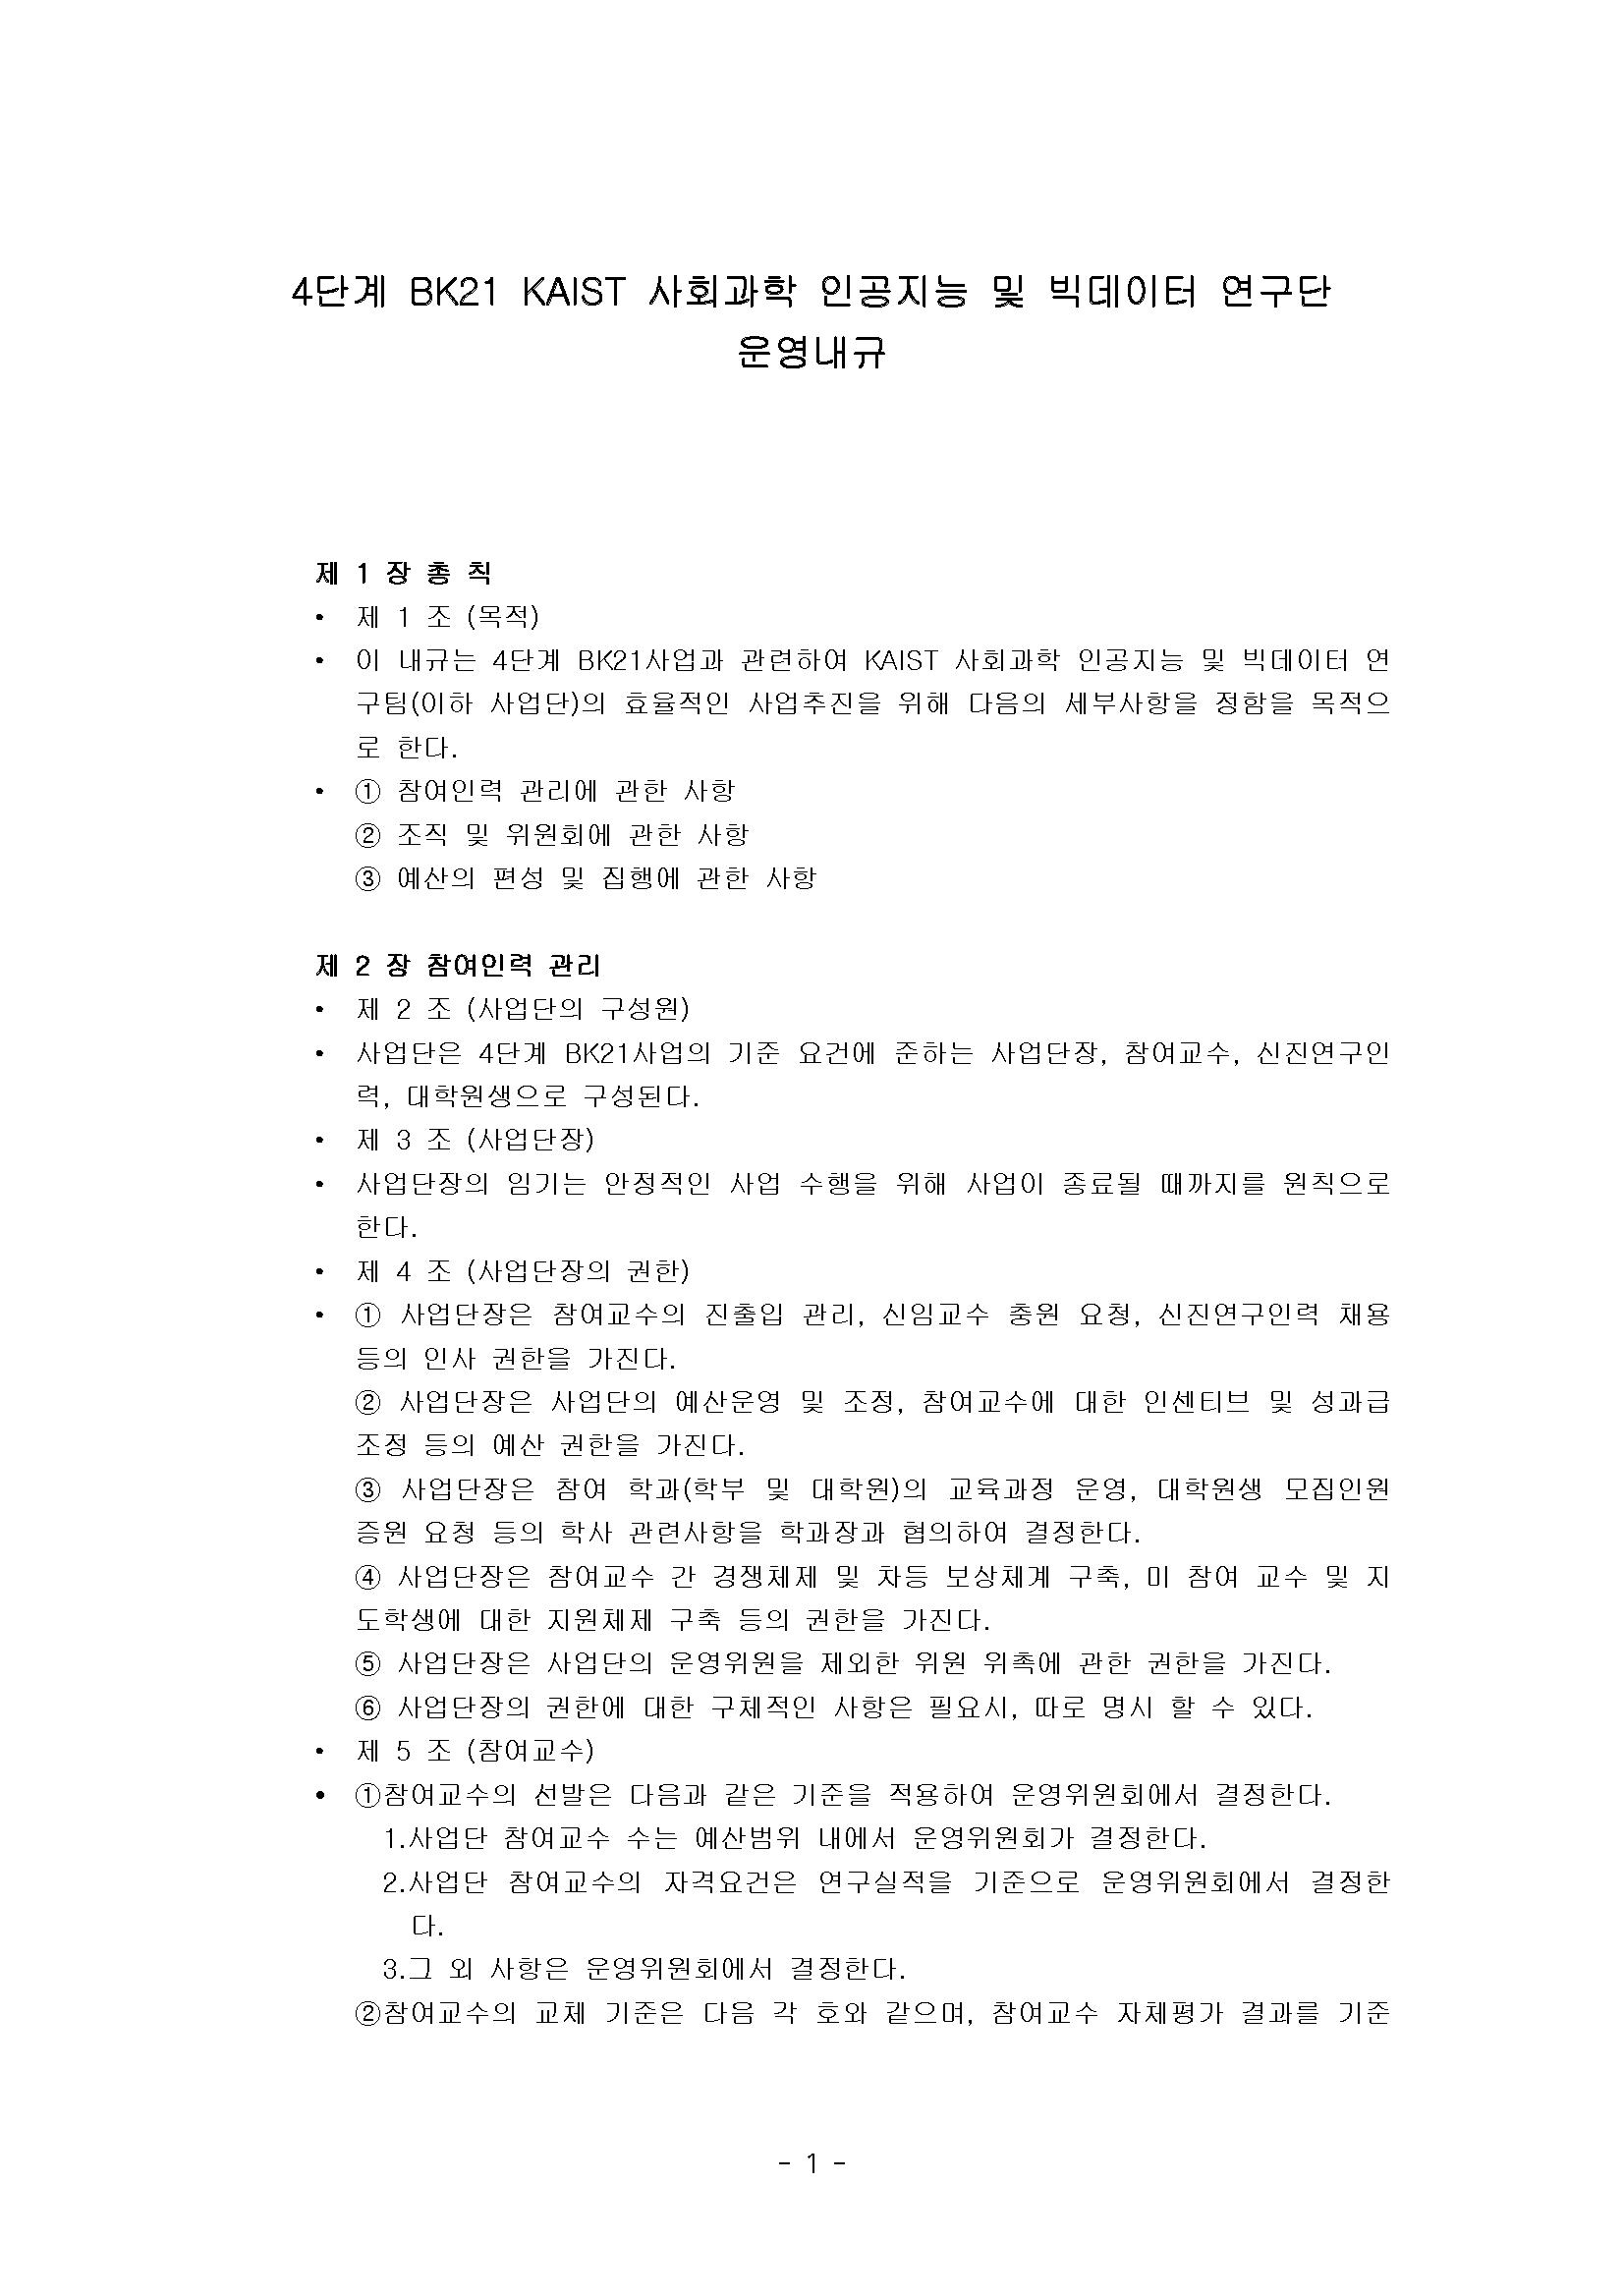 4단계 BK21 운영내규(21.04.27)_수정_페이지_1